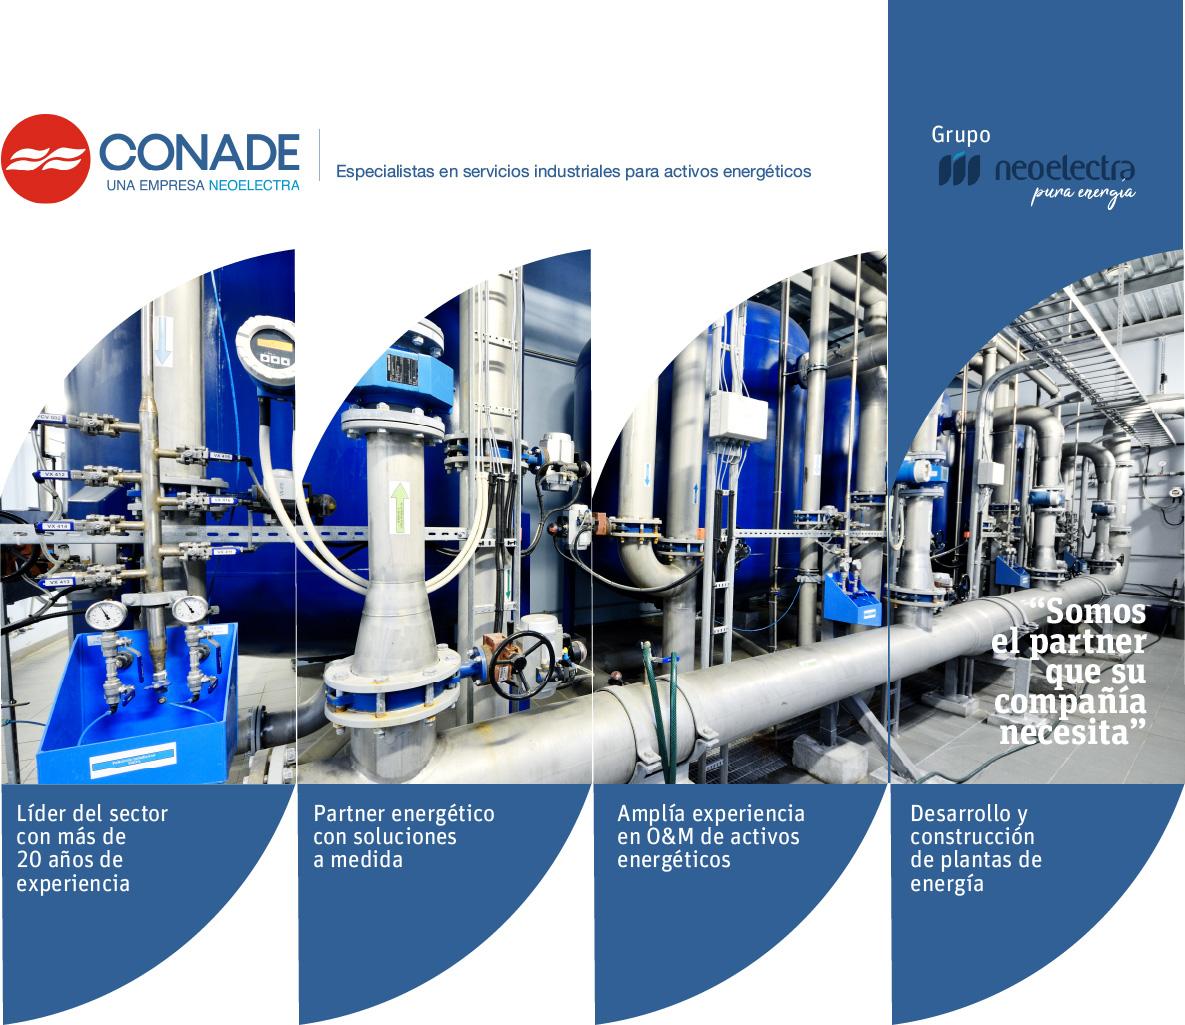 CONADE-NEOELECTRA-ENERGIA